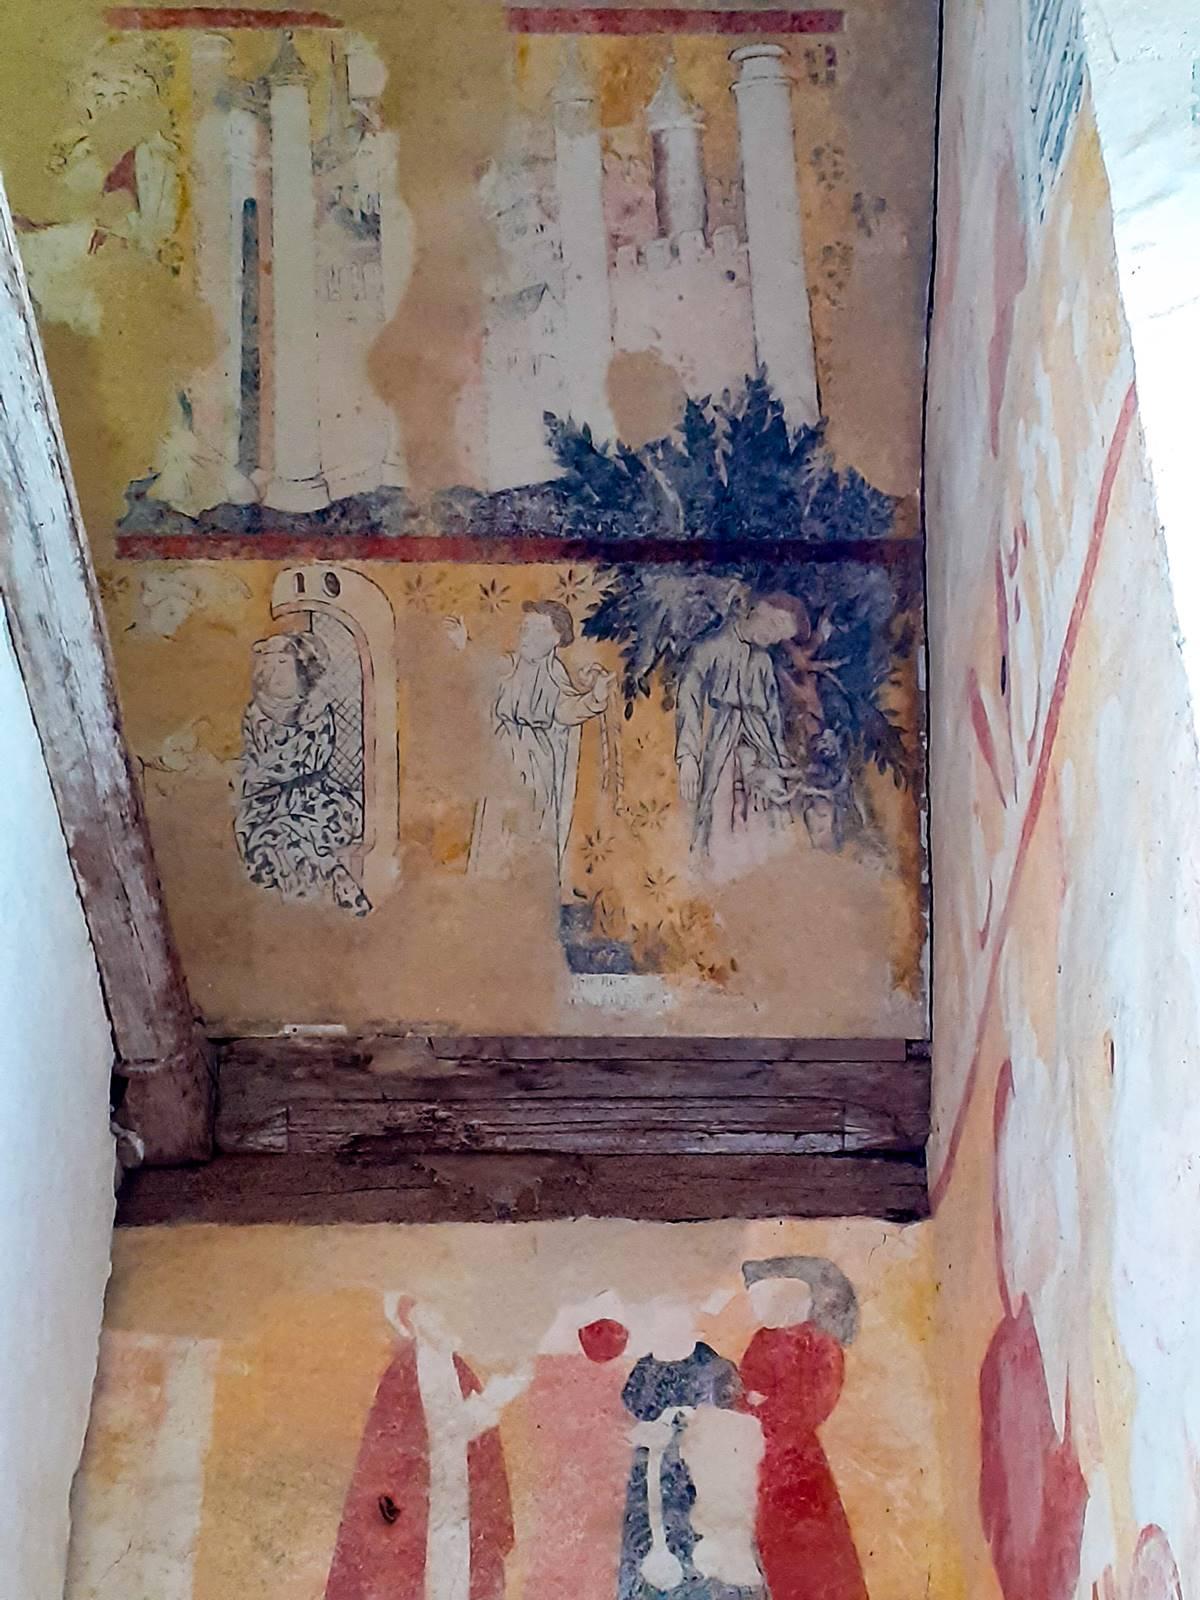 Egleglise du vieux bourg de saint sulpice003